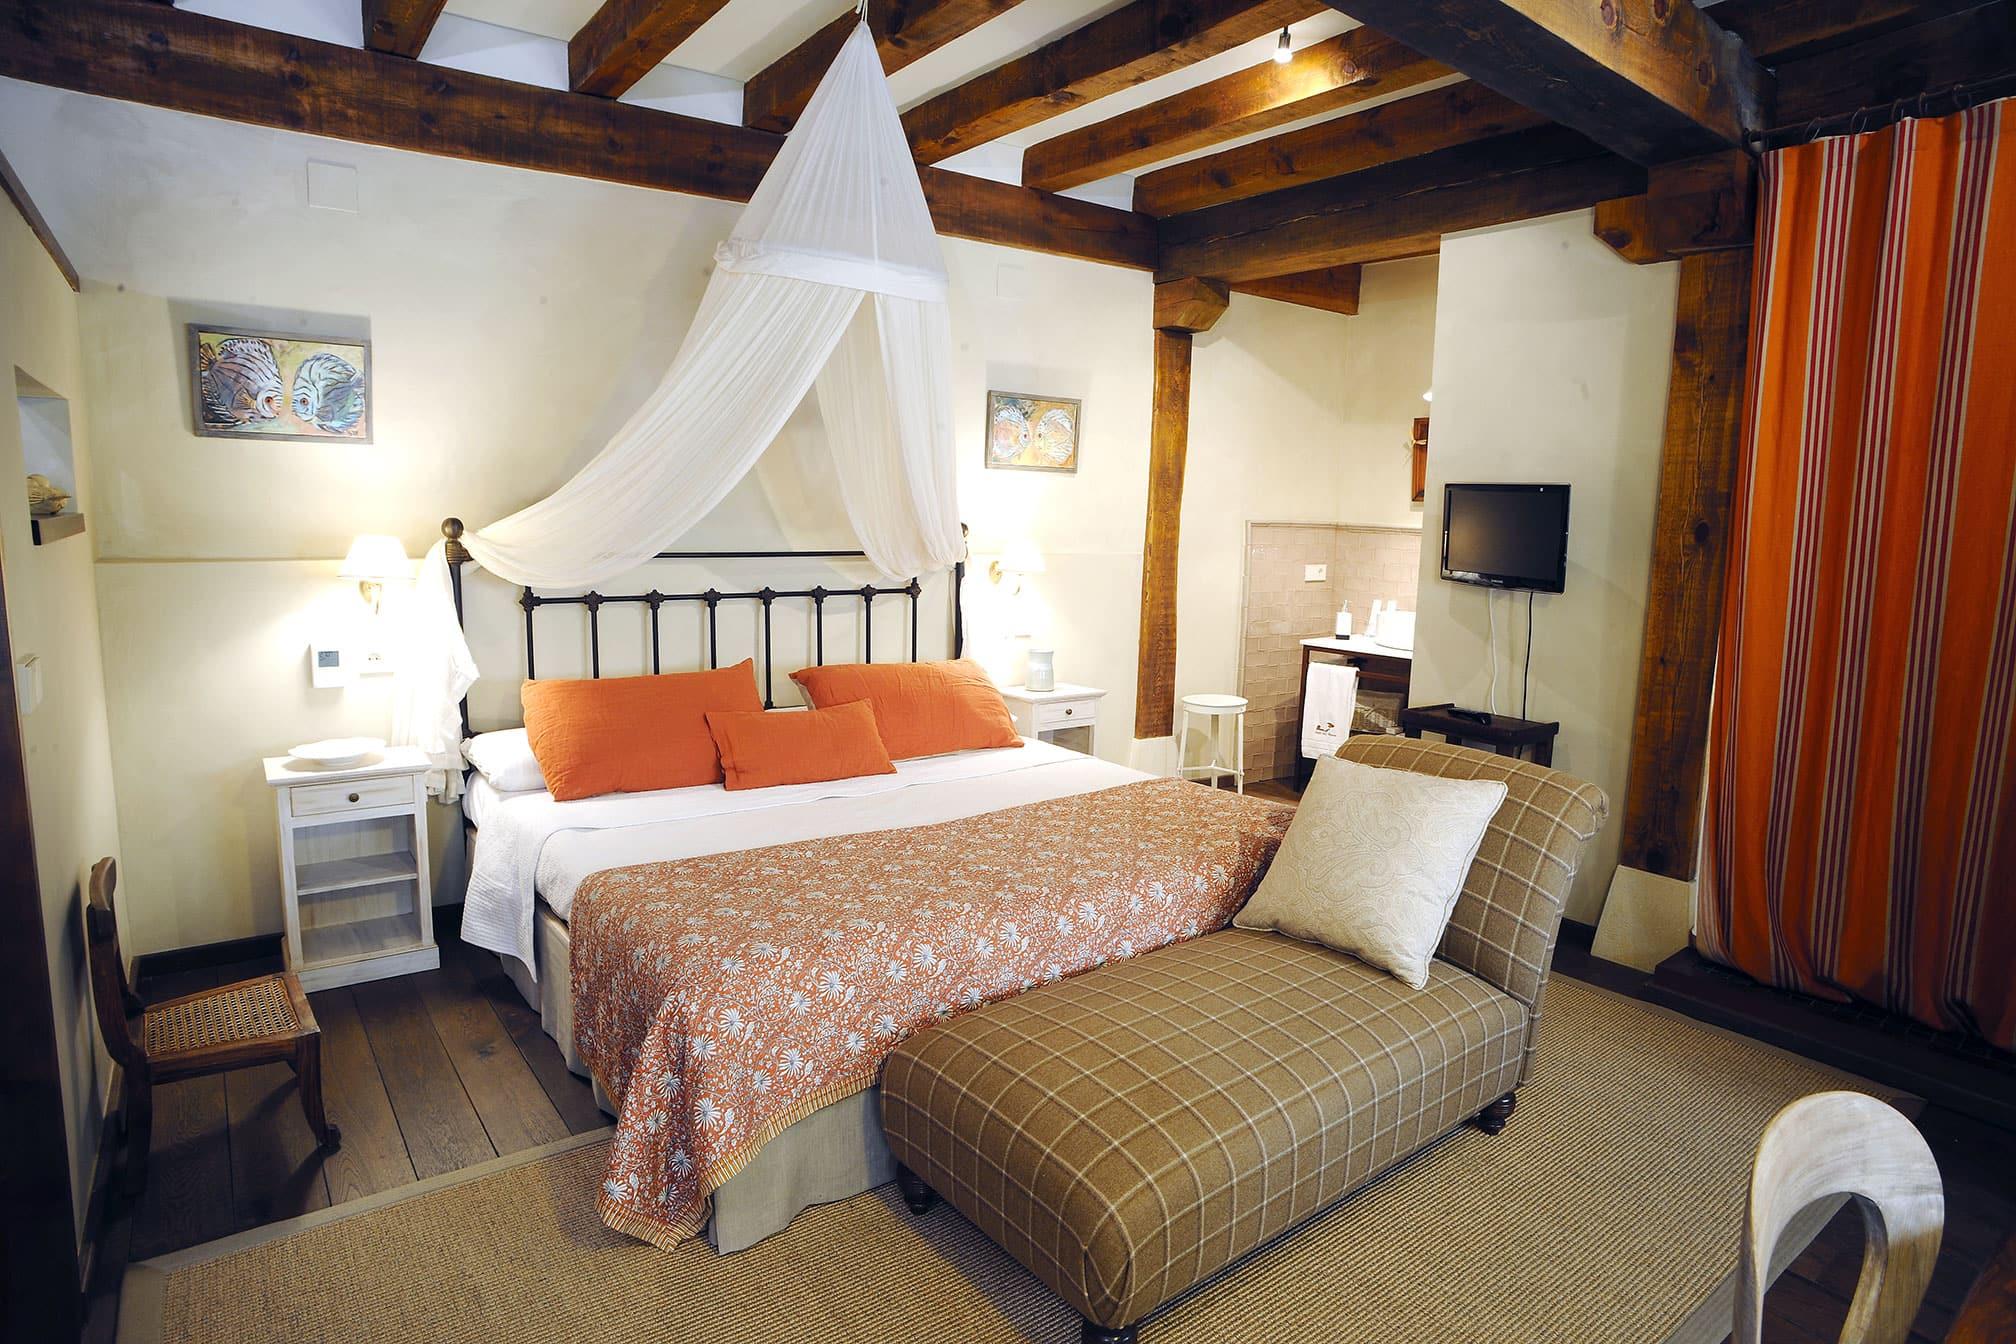 Apartamento Rural en Segovia - La Cija